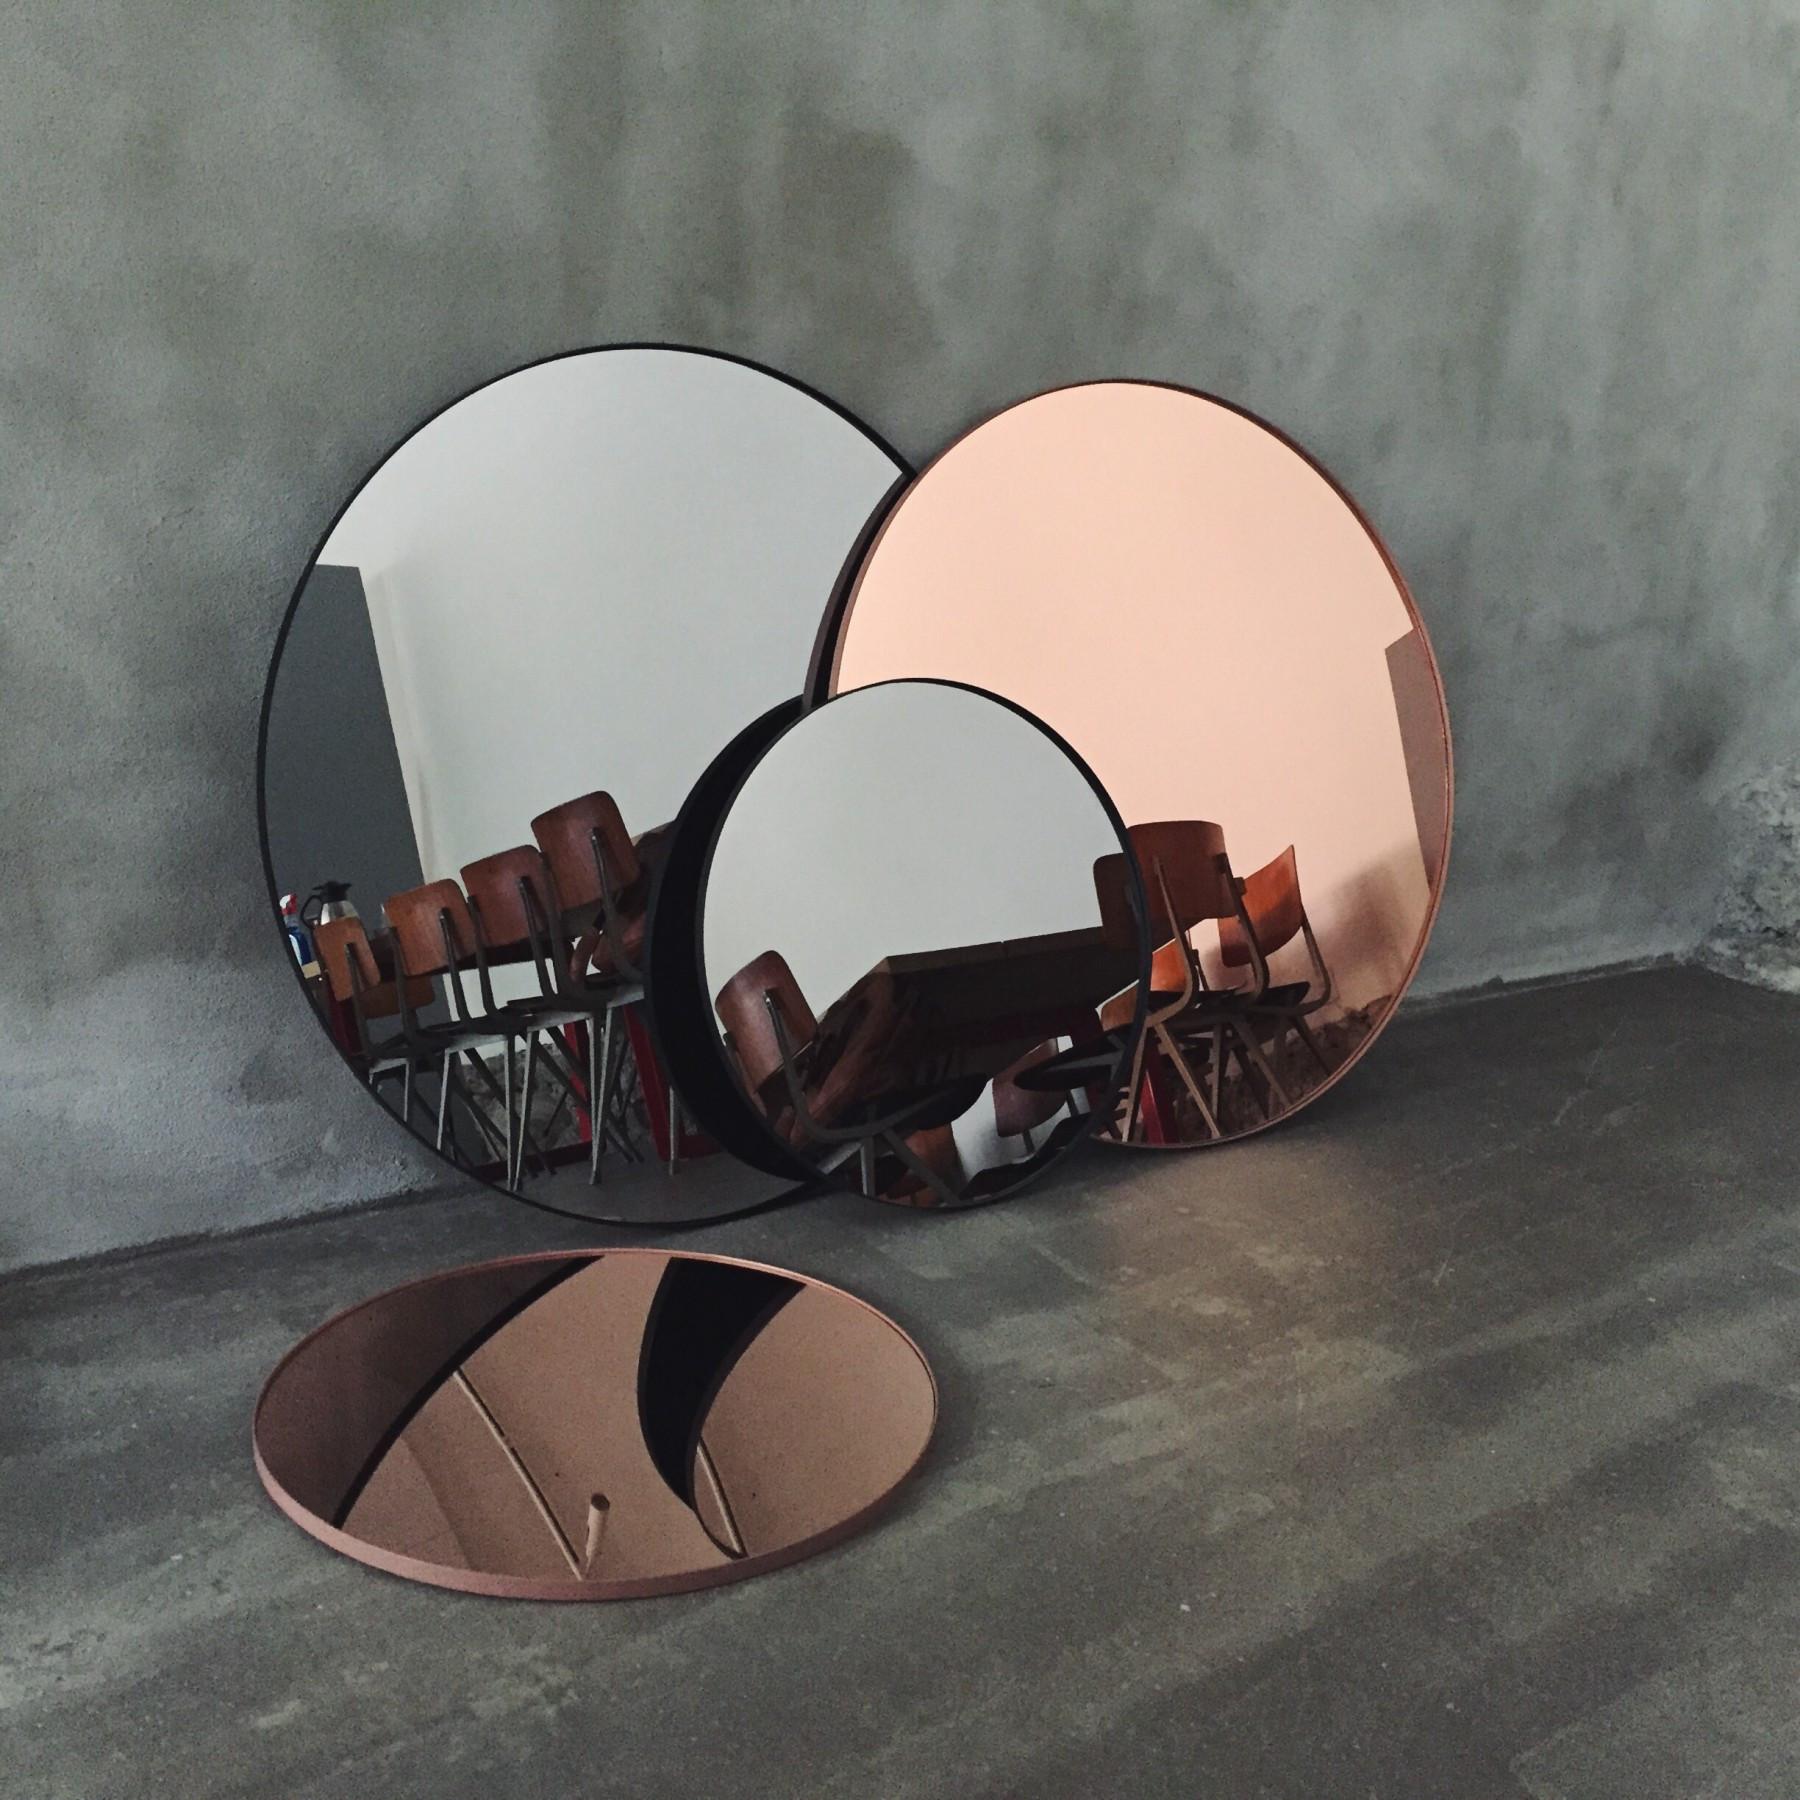 AYTM rundt spejl